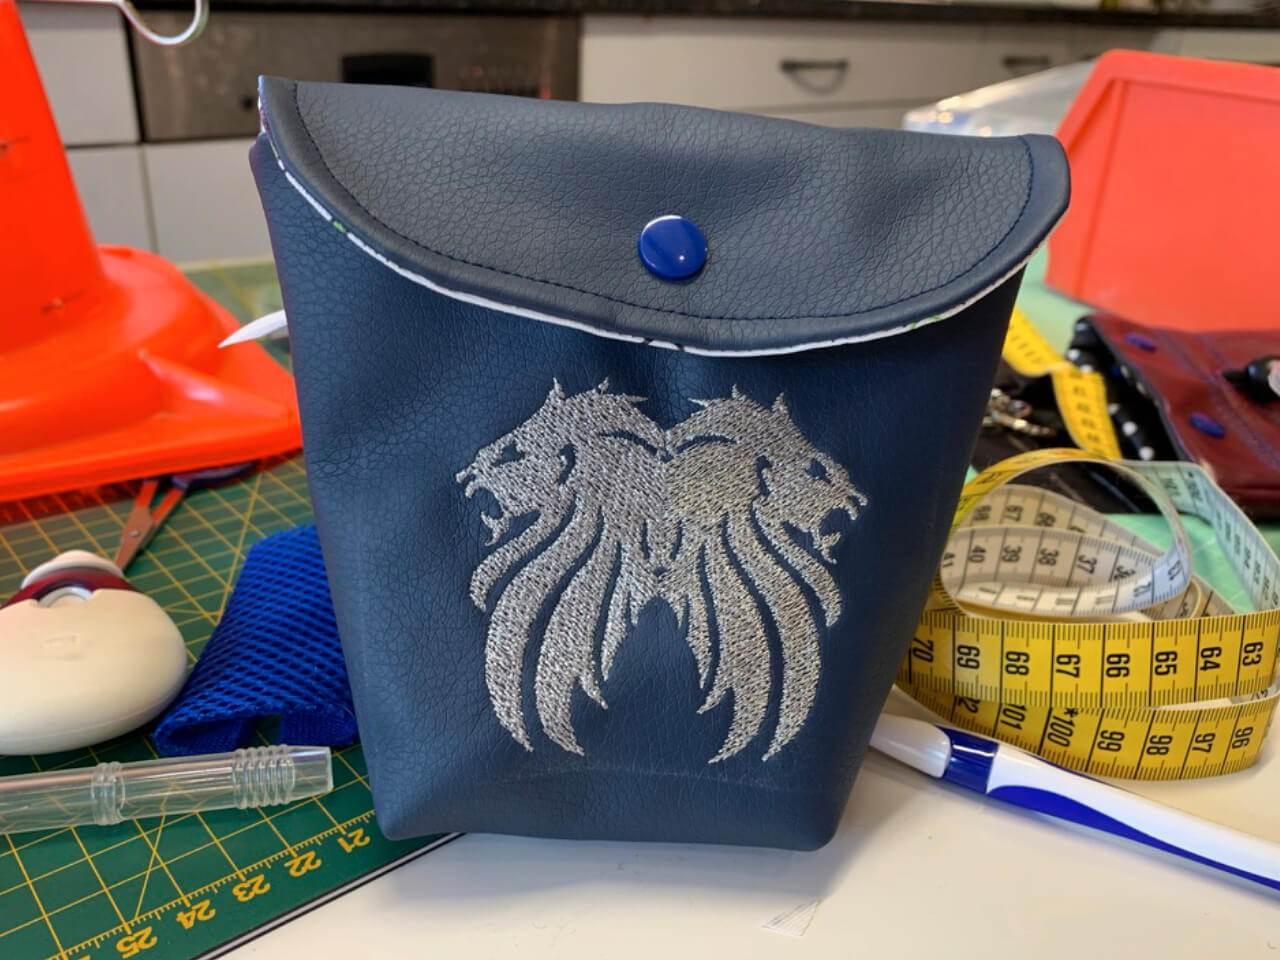 Blaues Futterbeutel aus Kunstleder die im Shop angeboten werden.